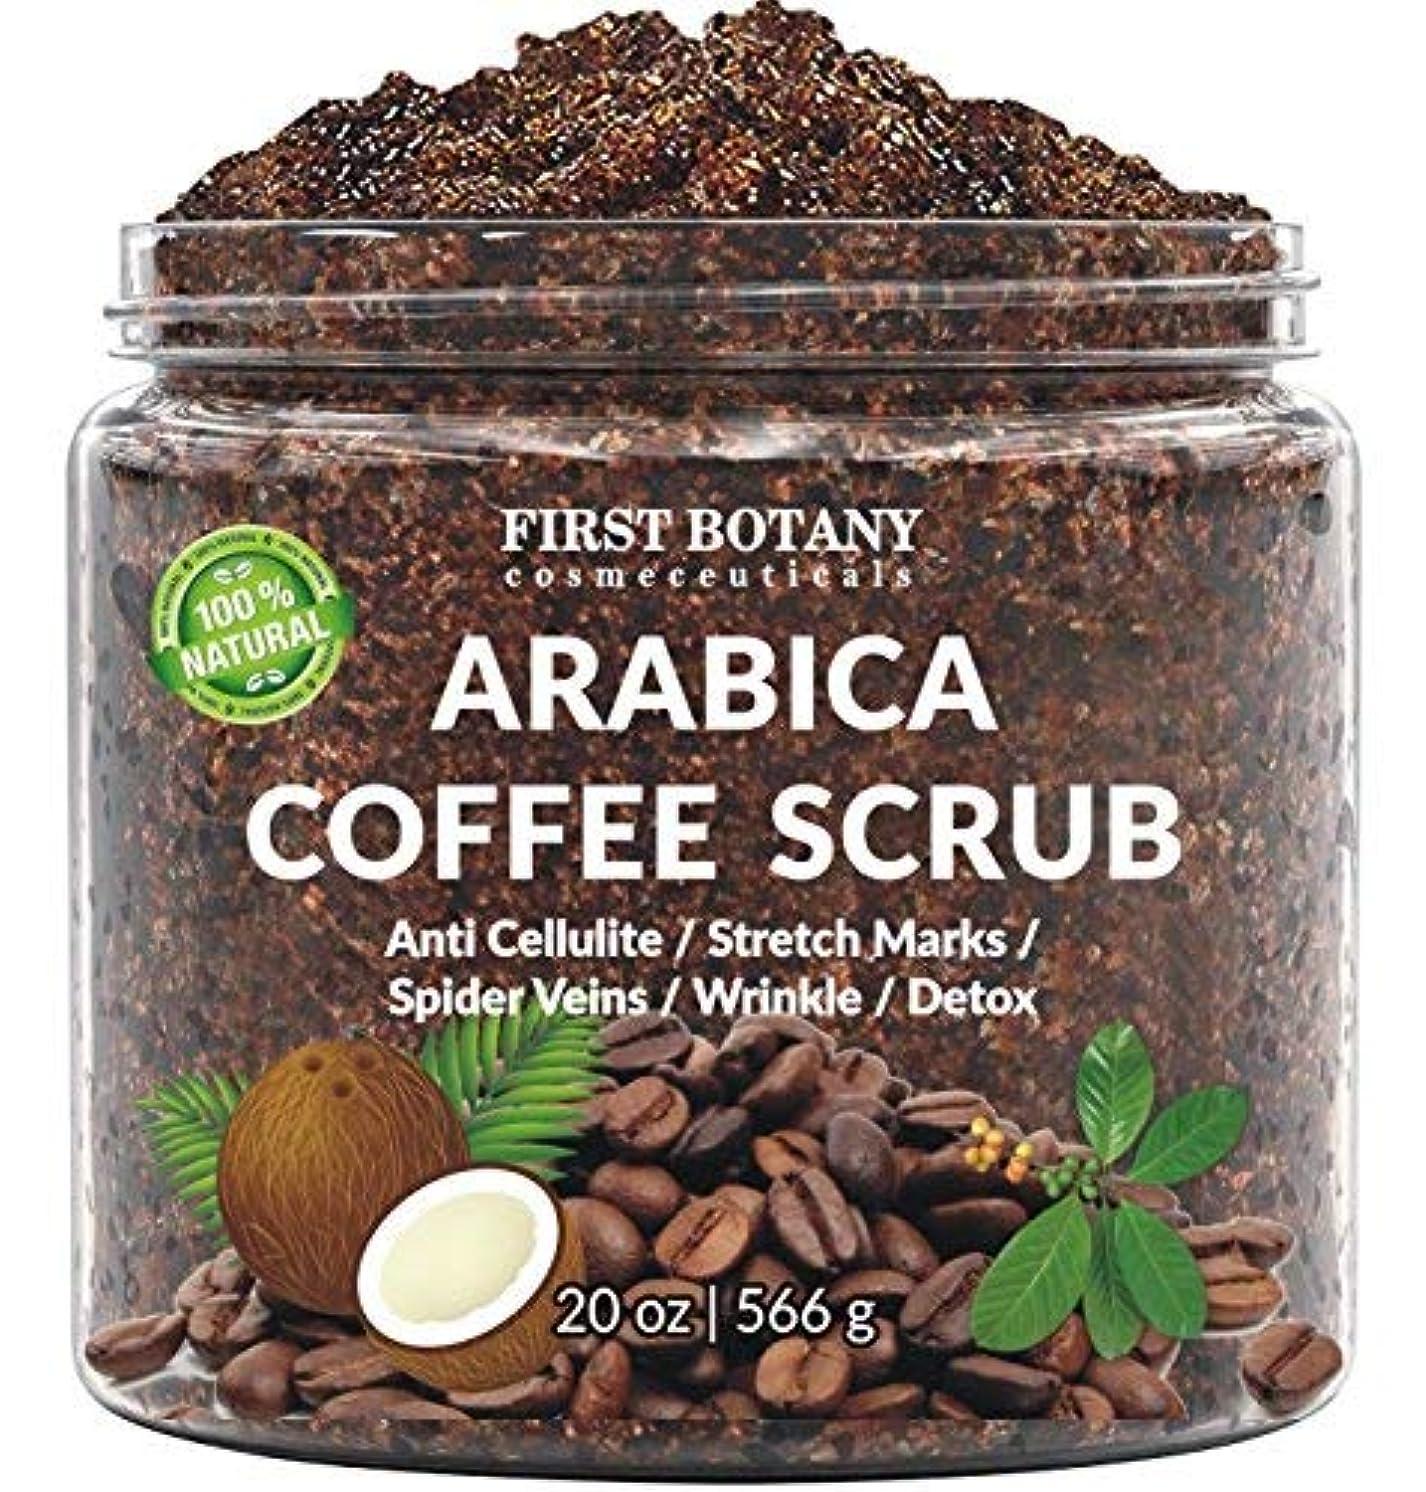 危険を冒します雪誘惑する100% ナチュラル アラビカ コーヒースクラブ with 有機コーヒー、ココナッツ、シアバター | ボディースクラブクリーム [海外直送品] (566グラム)